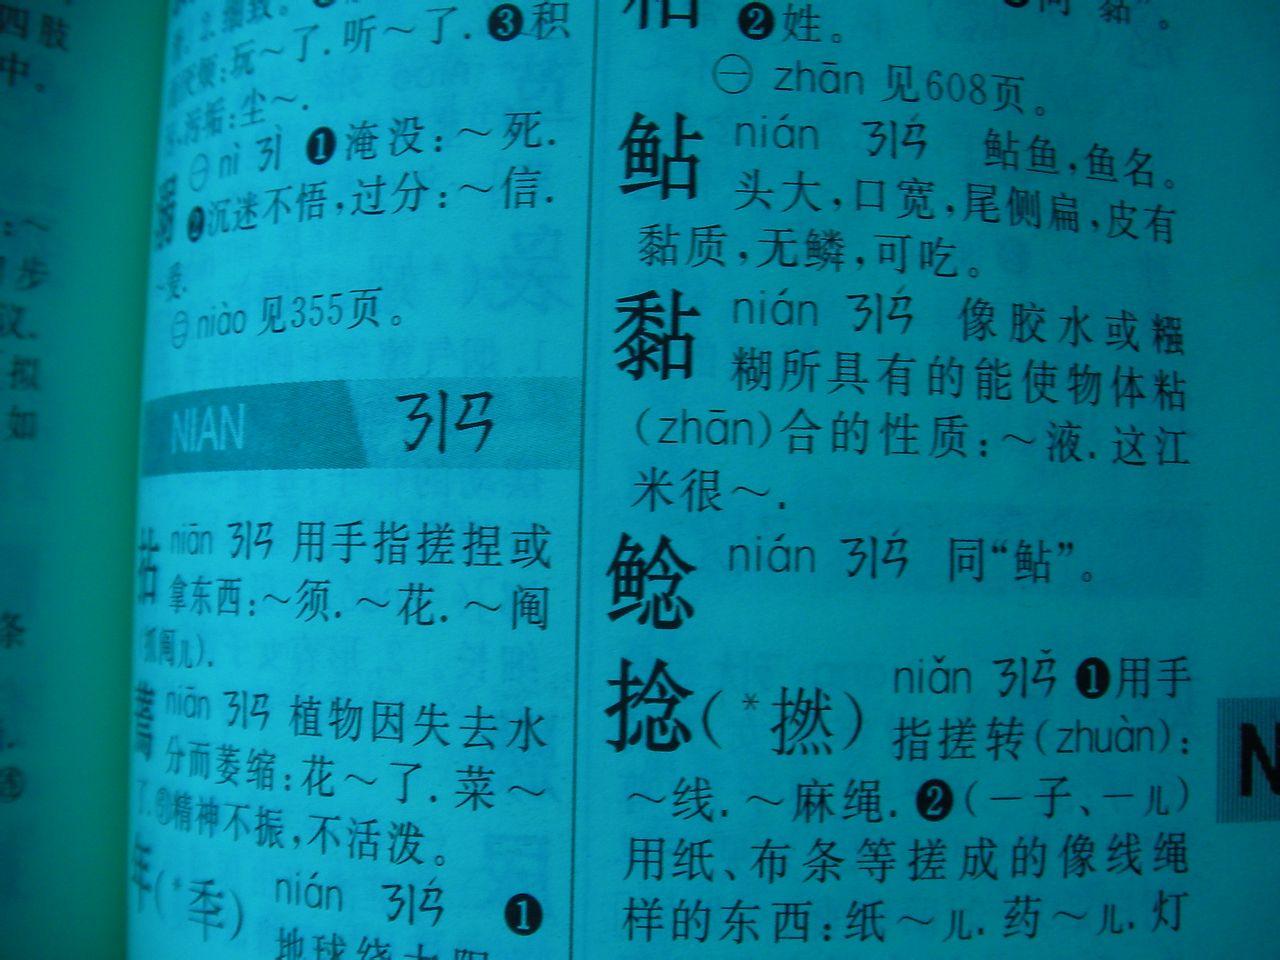 新华字典在线查字 词典在线查询 新华字典下载 笔画查询